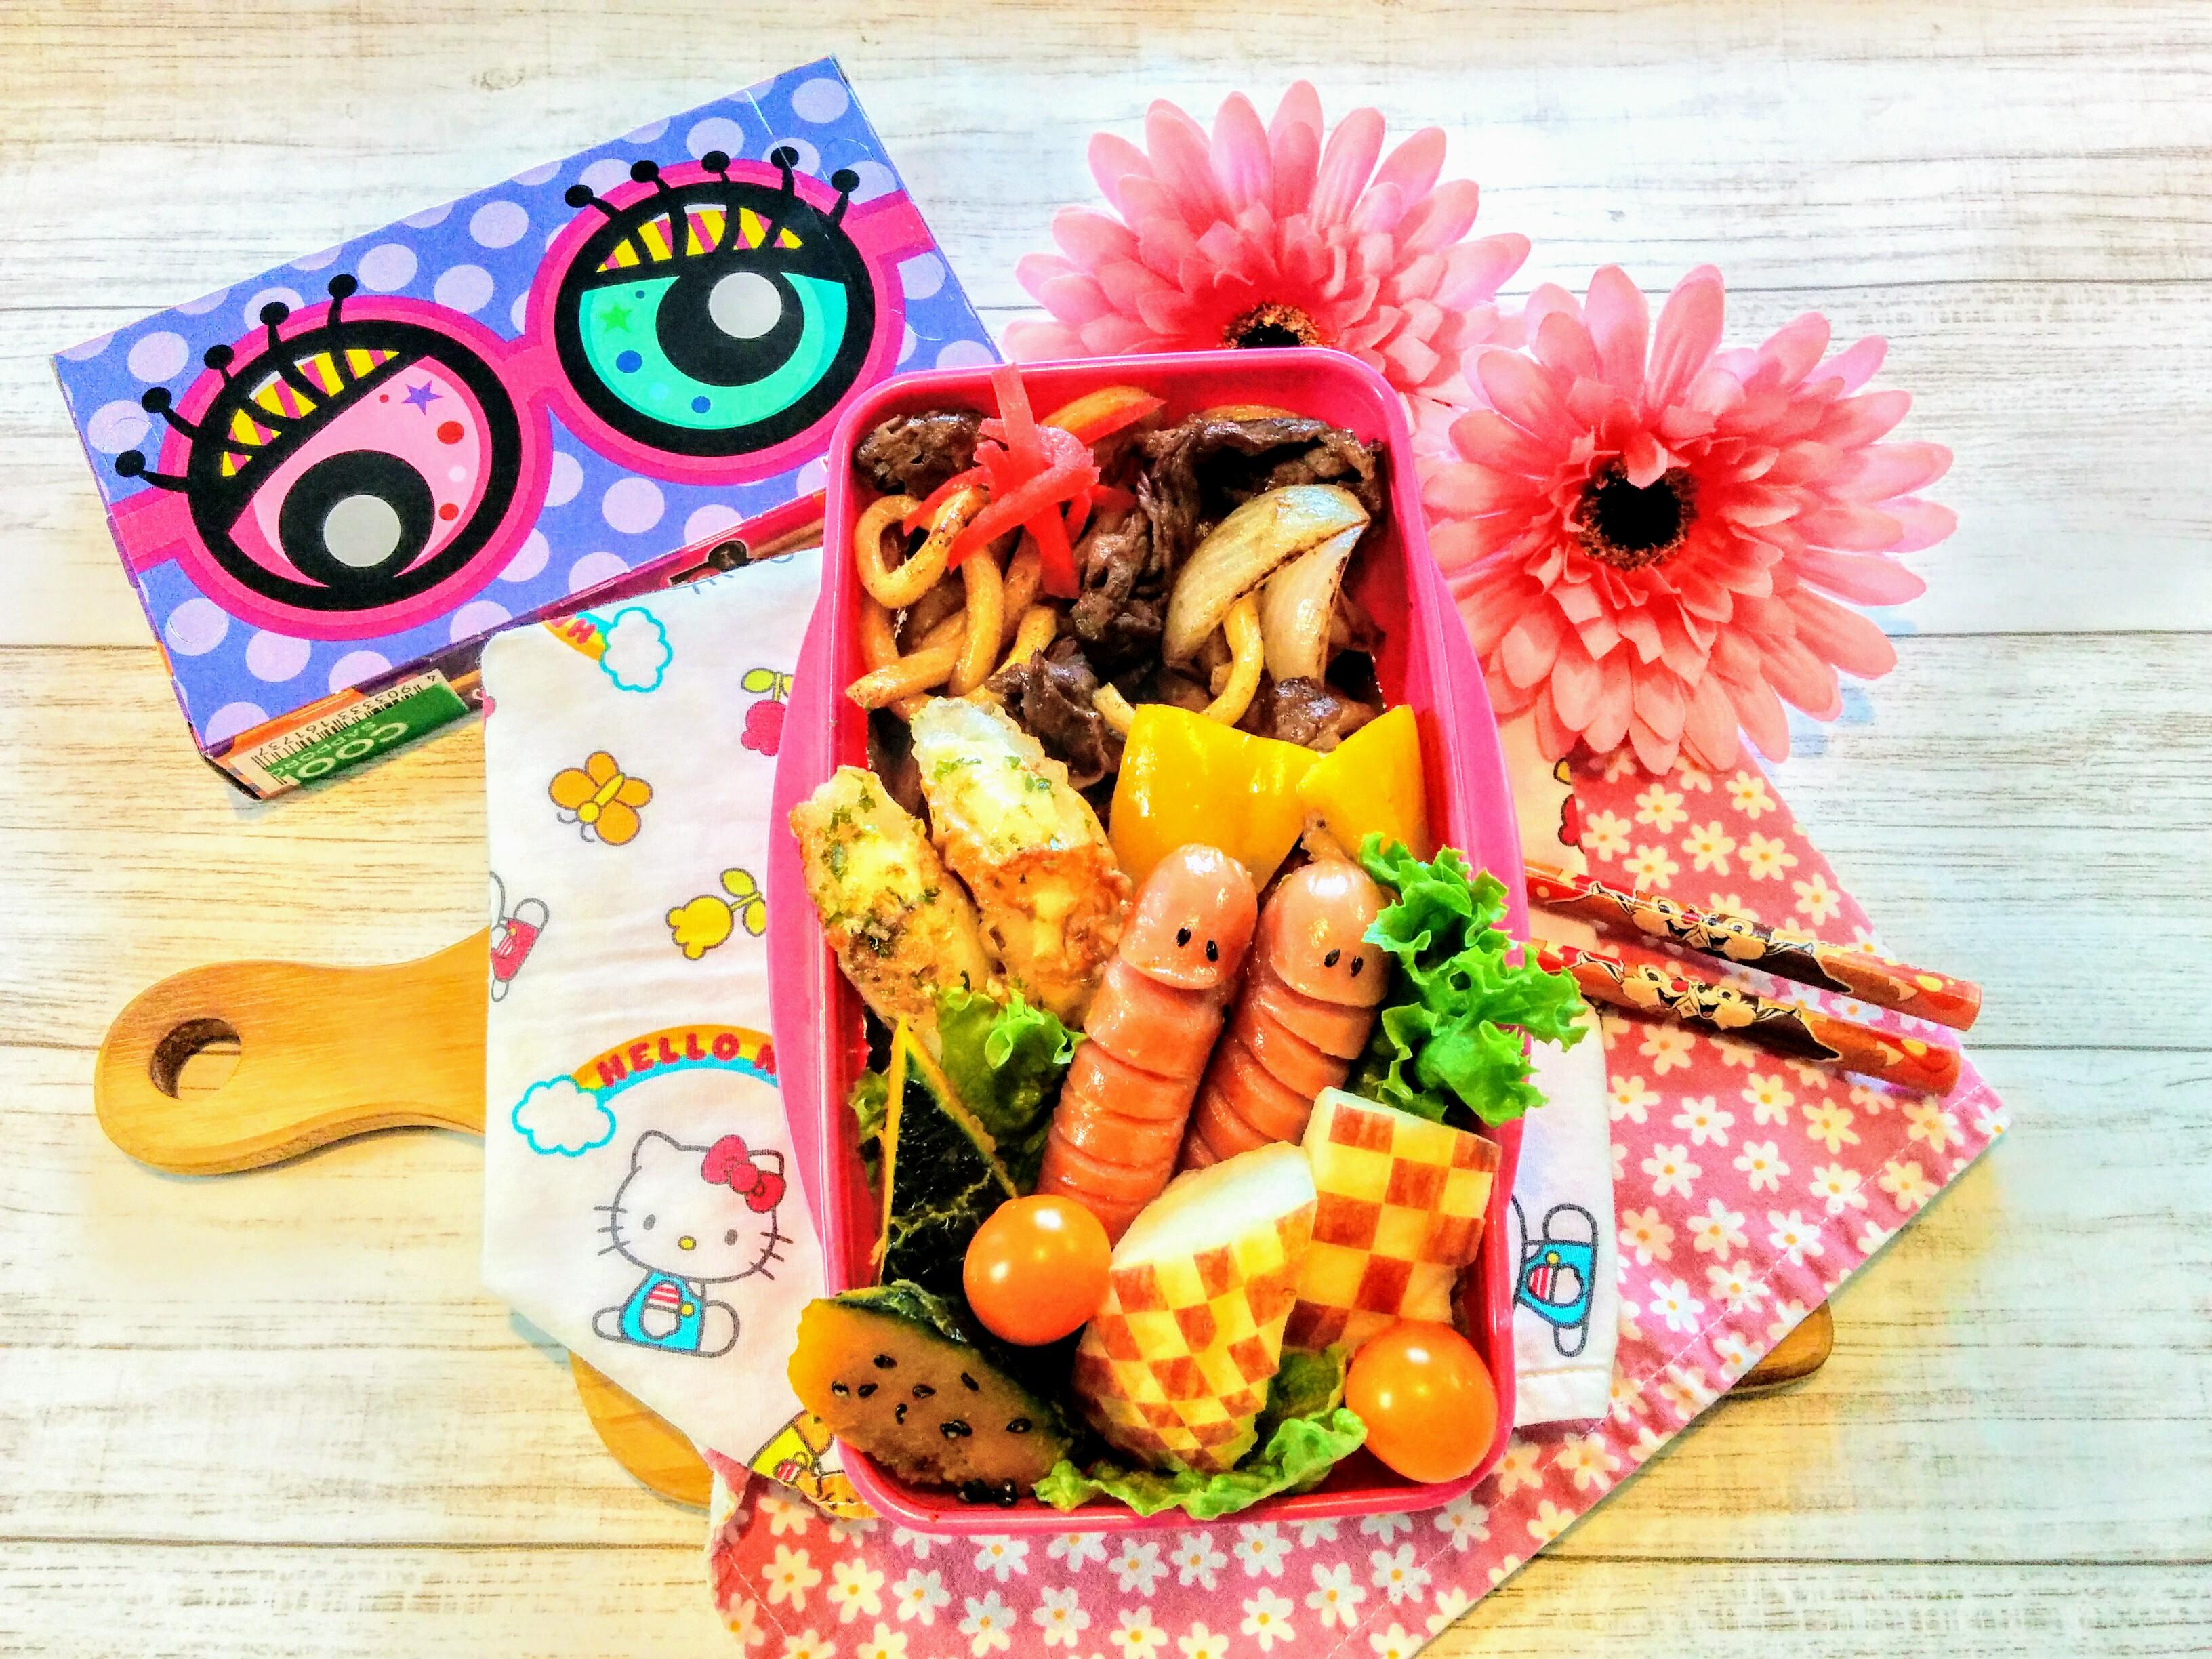 【小樽】娘の今日のお弁当・焼きうどん弁当グルメ案内です。